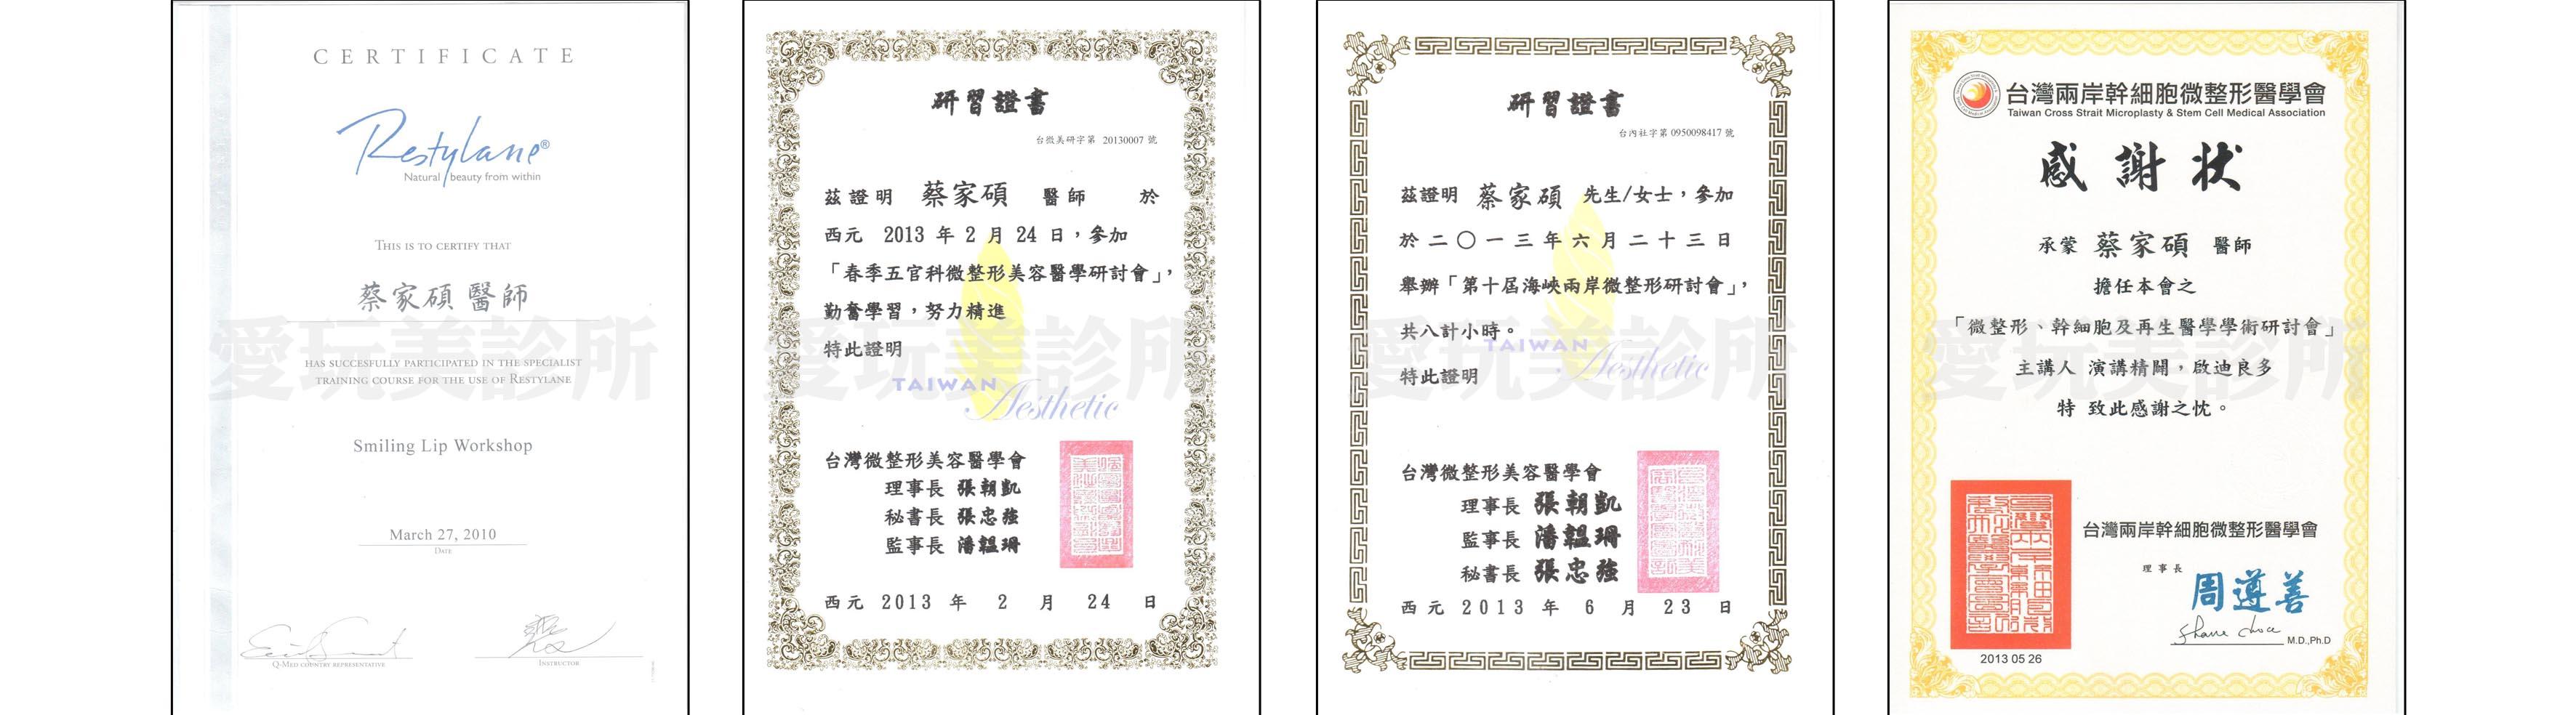 蔡家碩證書01